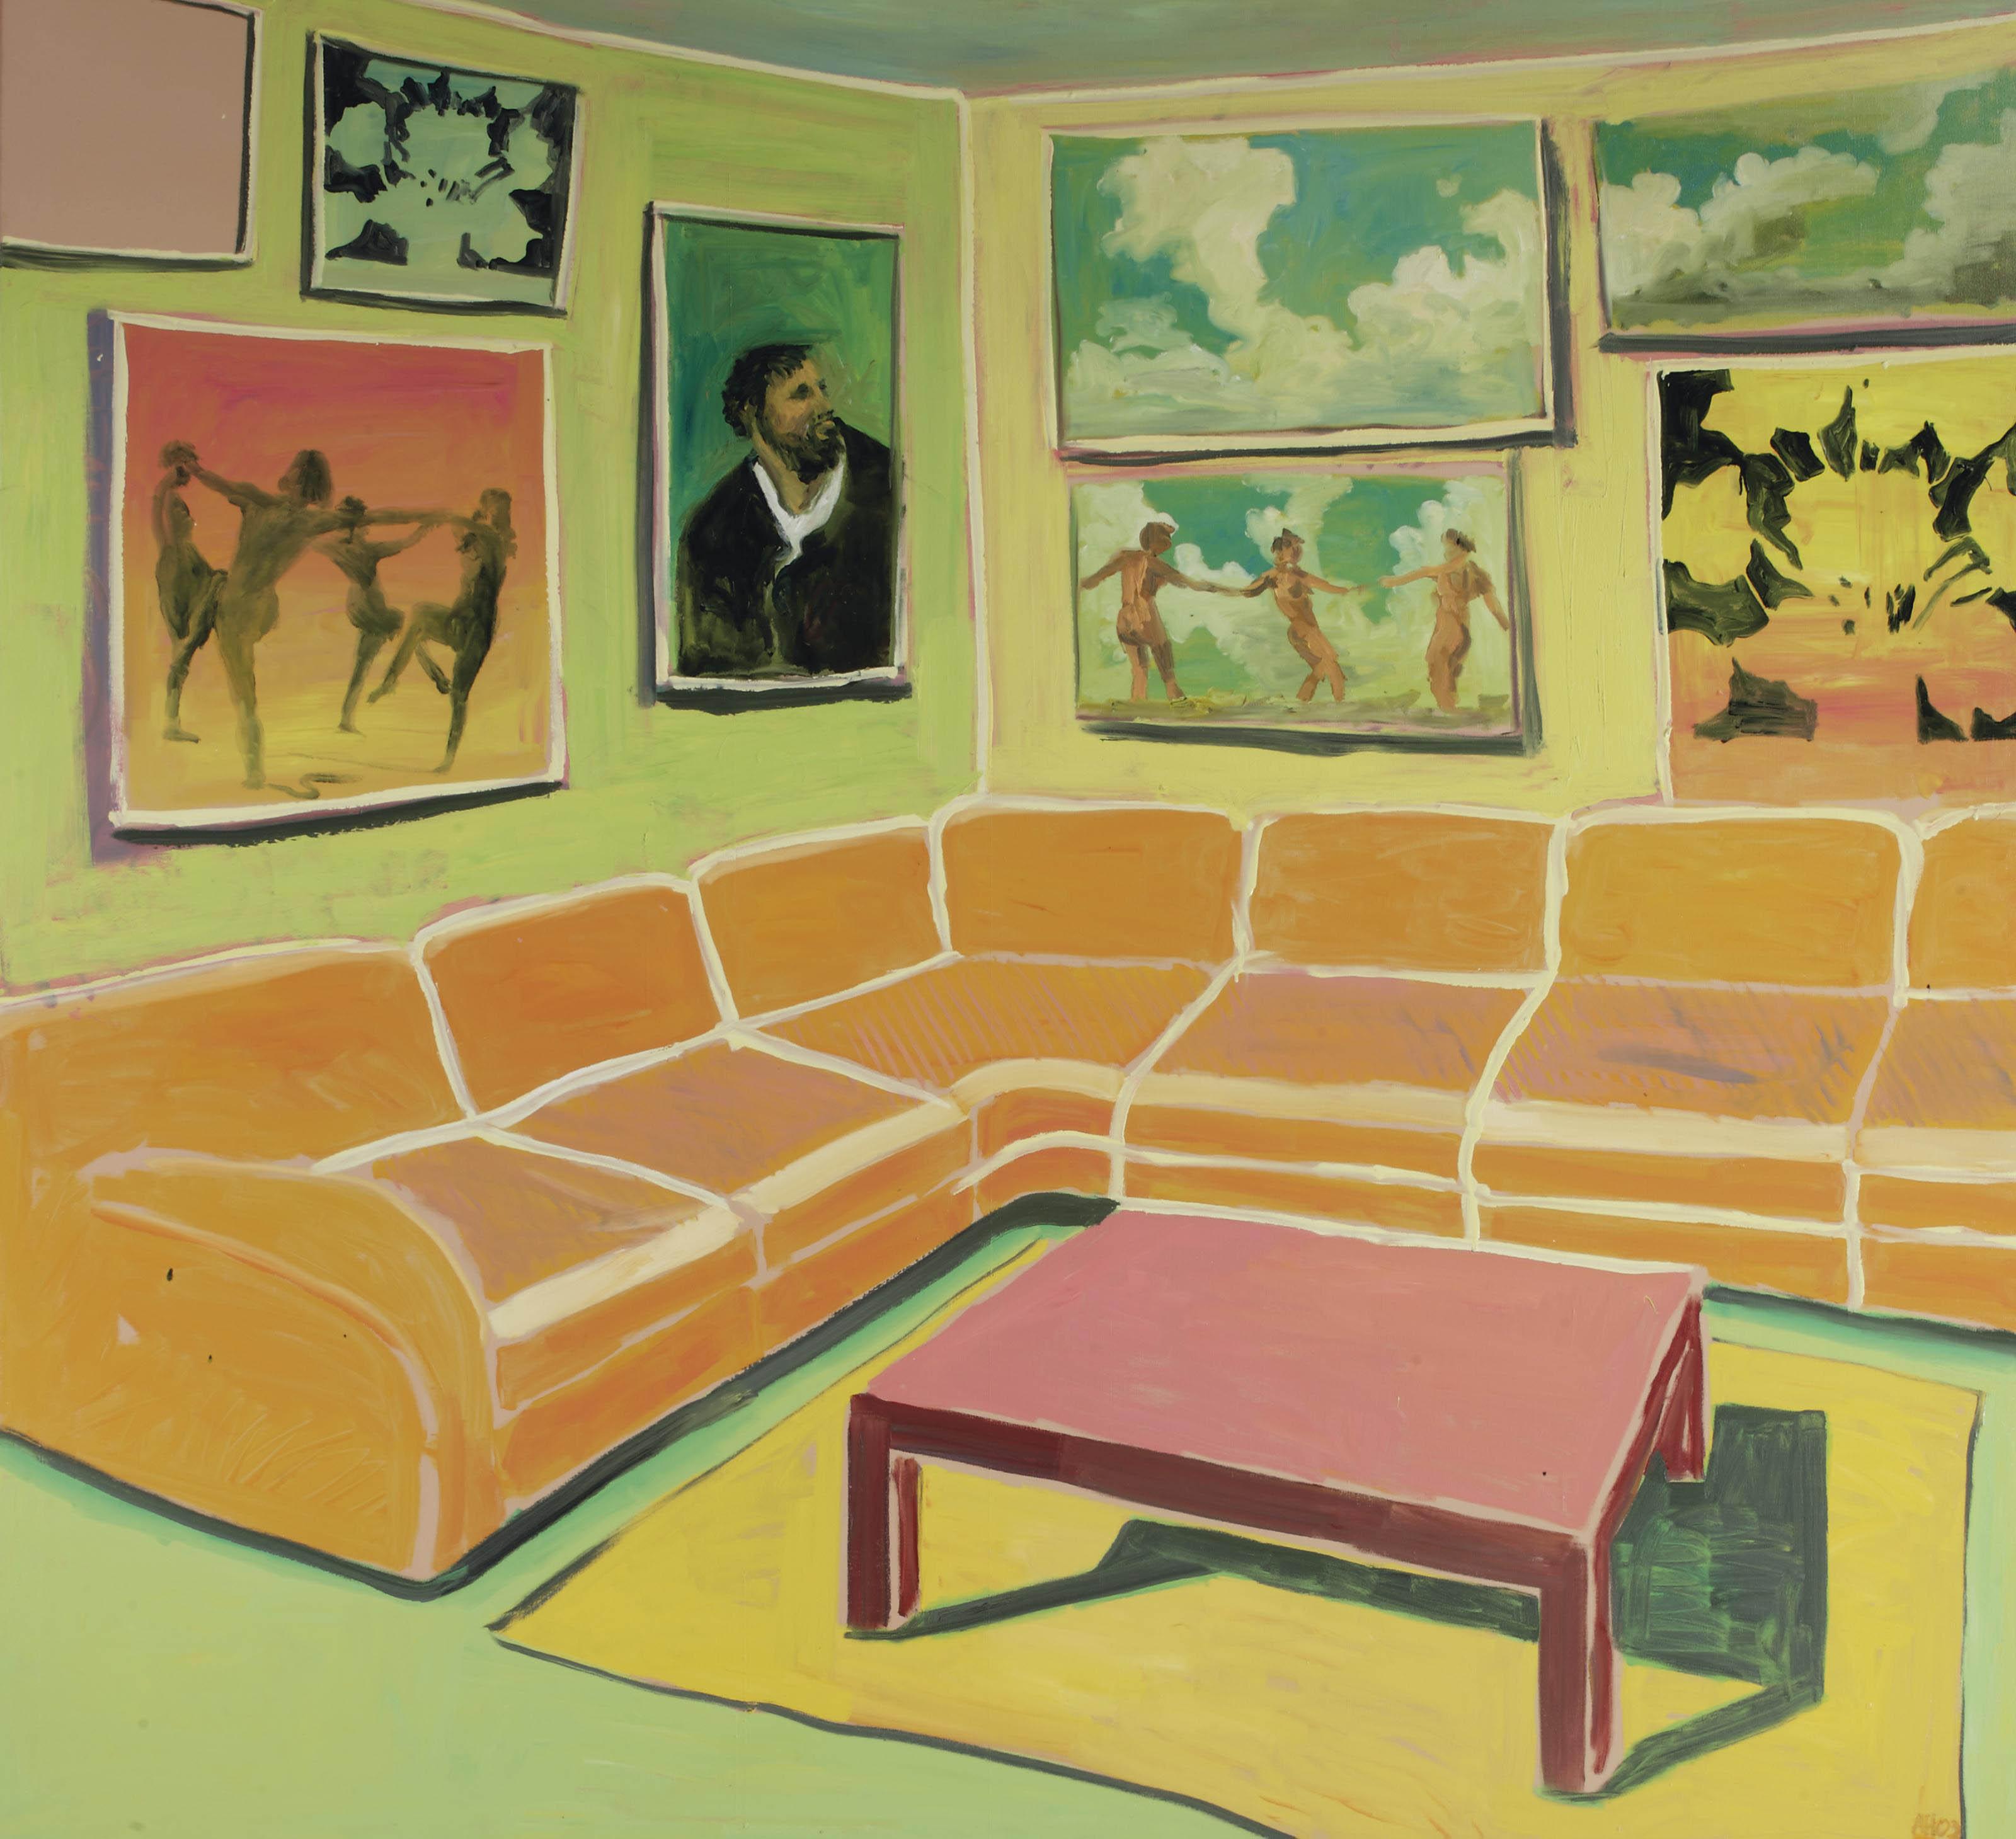 Interieur no. 128